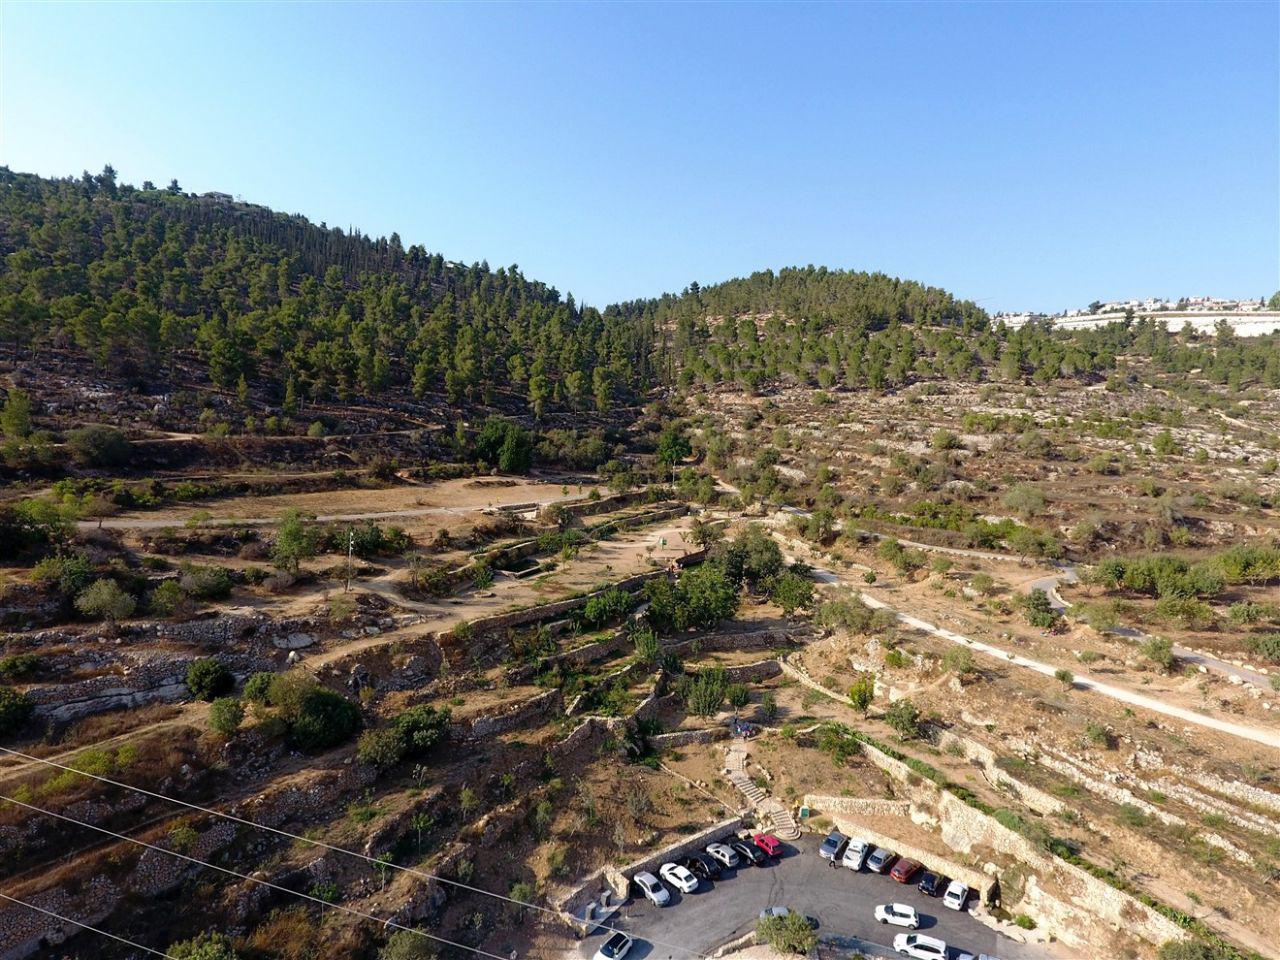 הרי ירושלים (צילום: דב גרינבלט, החברה להגנת הטבע)